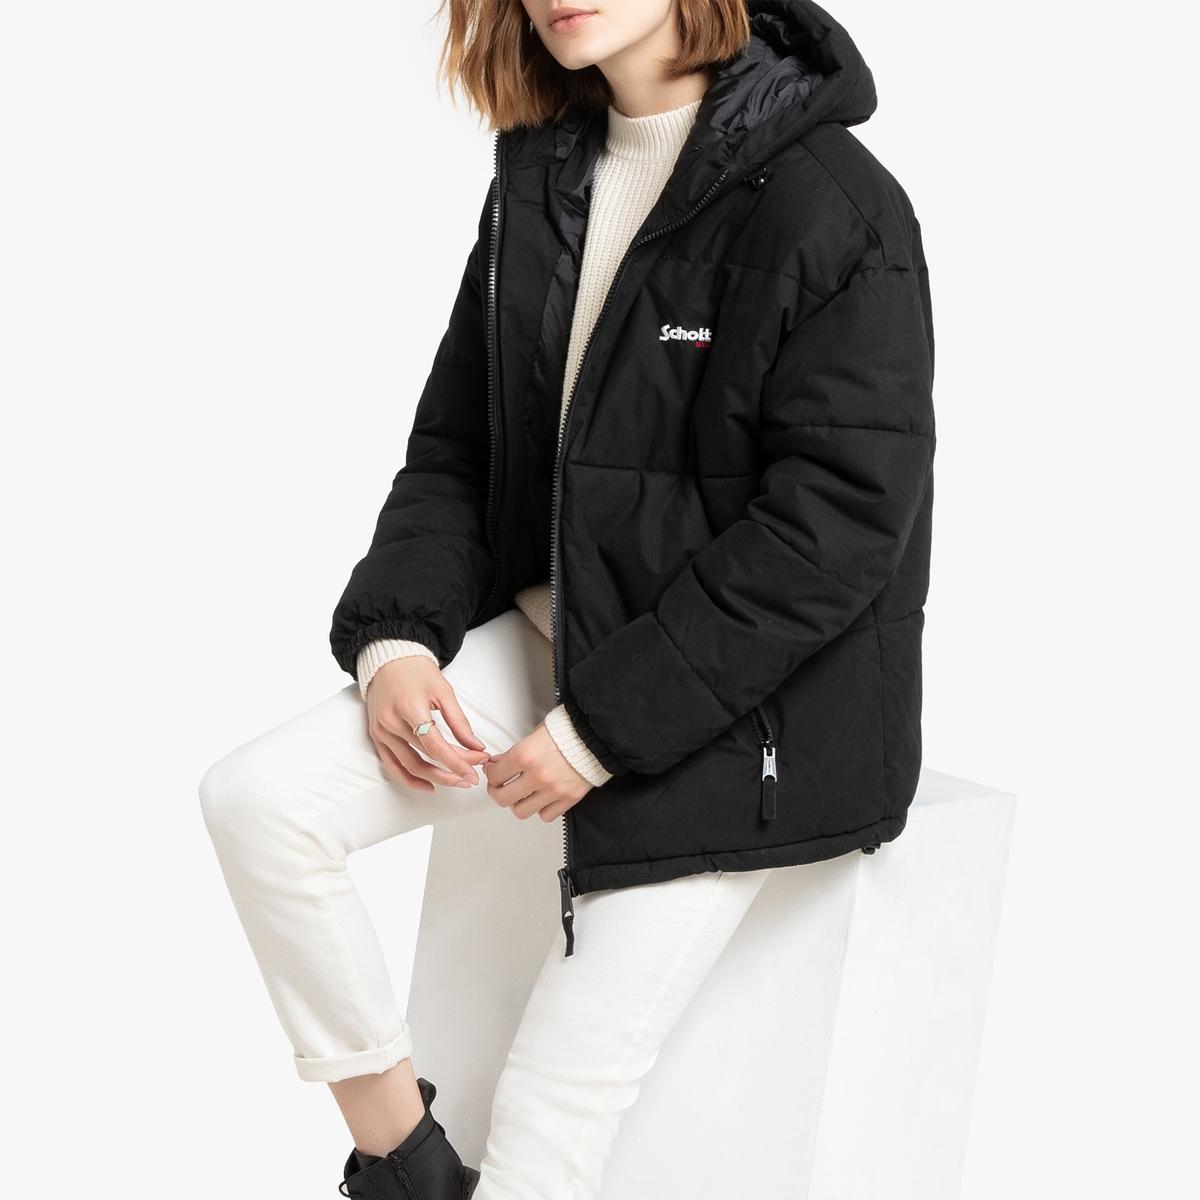 Куртка La Redoute Стеганая унисекс с капюшоном широкая Alaska M черный цена